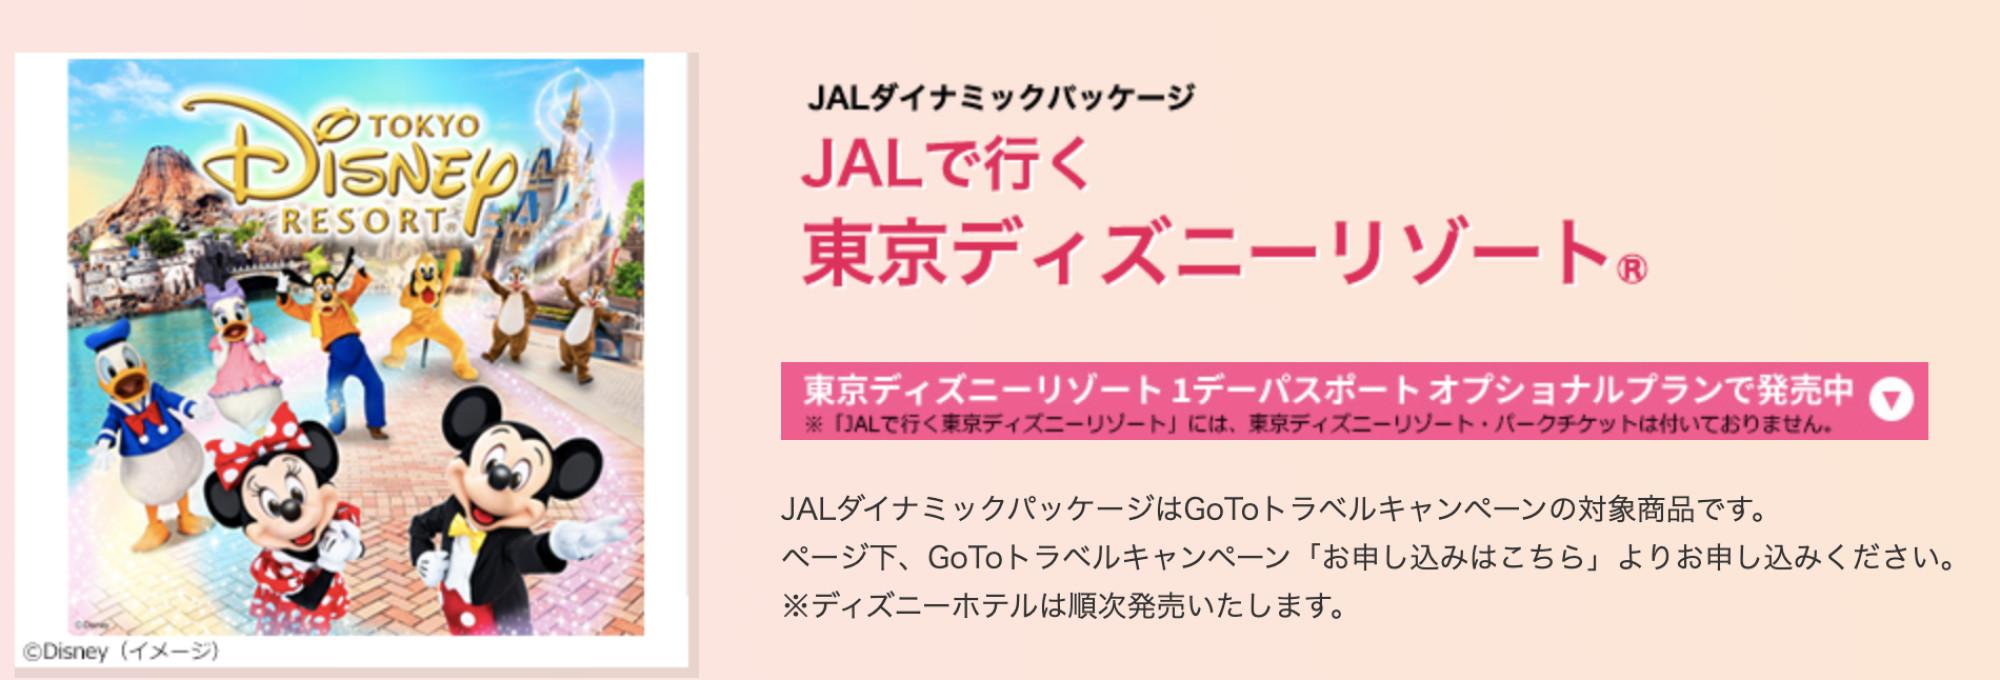 JALで行くディズニーリゾート